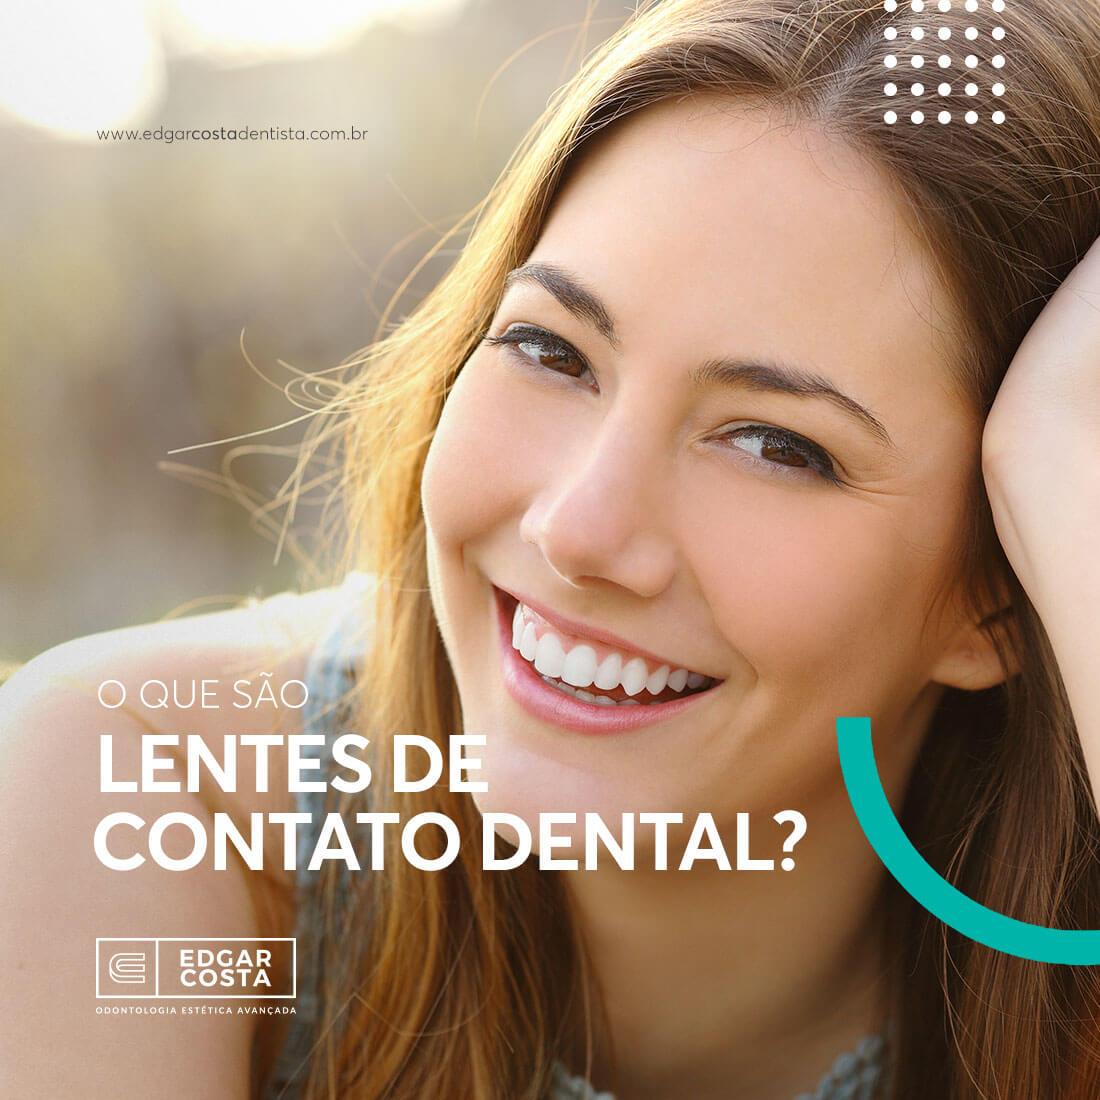 Lentes de contato dental  o que é e como funciona • Edgar Costa ... 1e0fa171fe